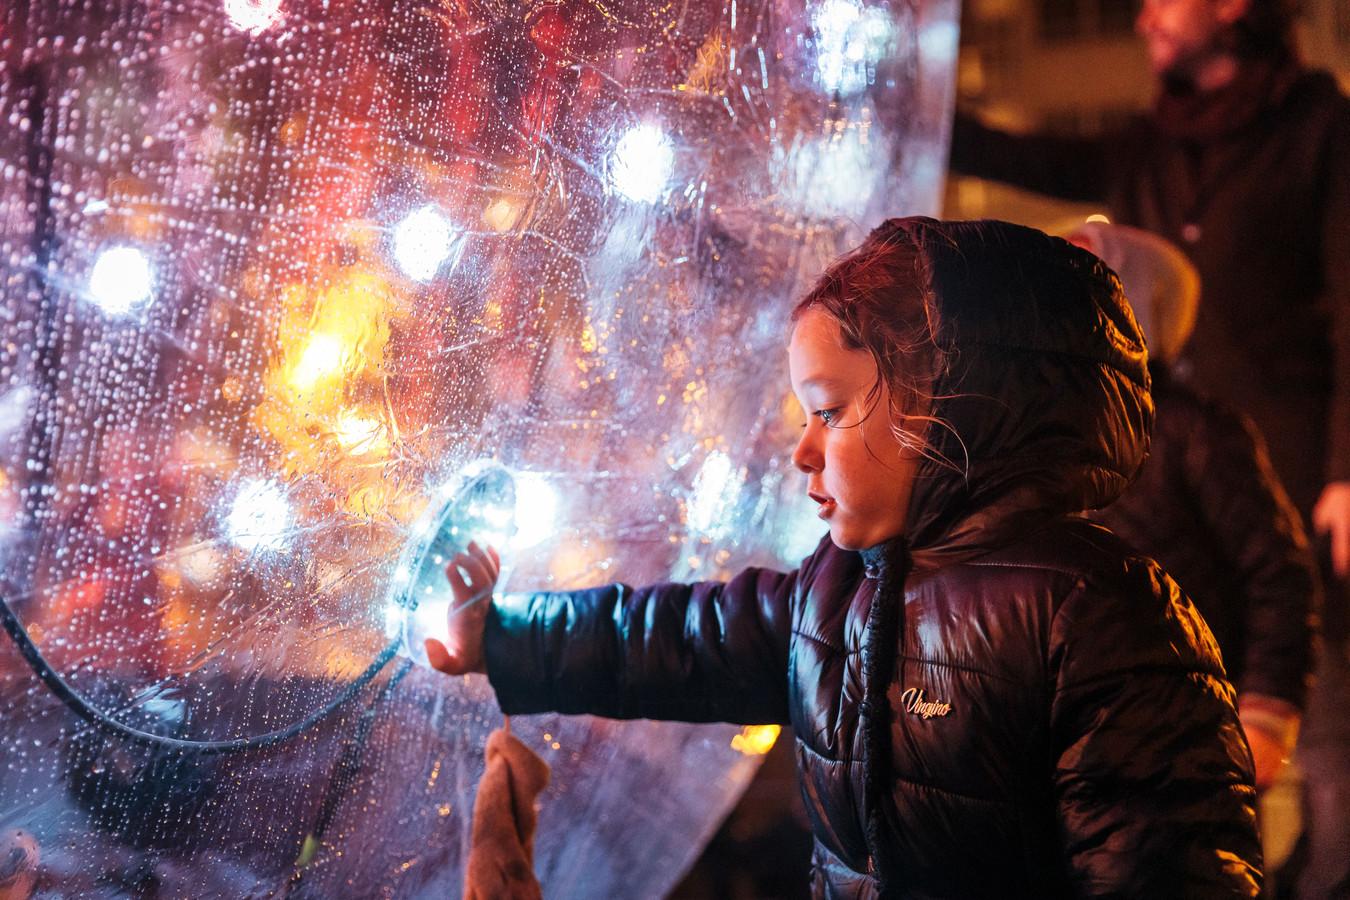 Een beeld van het lichtfestival in Knokke-Heist vorig jaar.